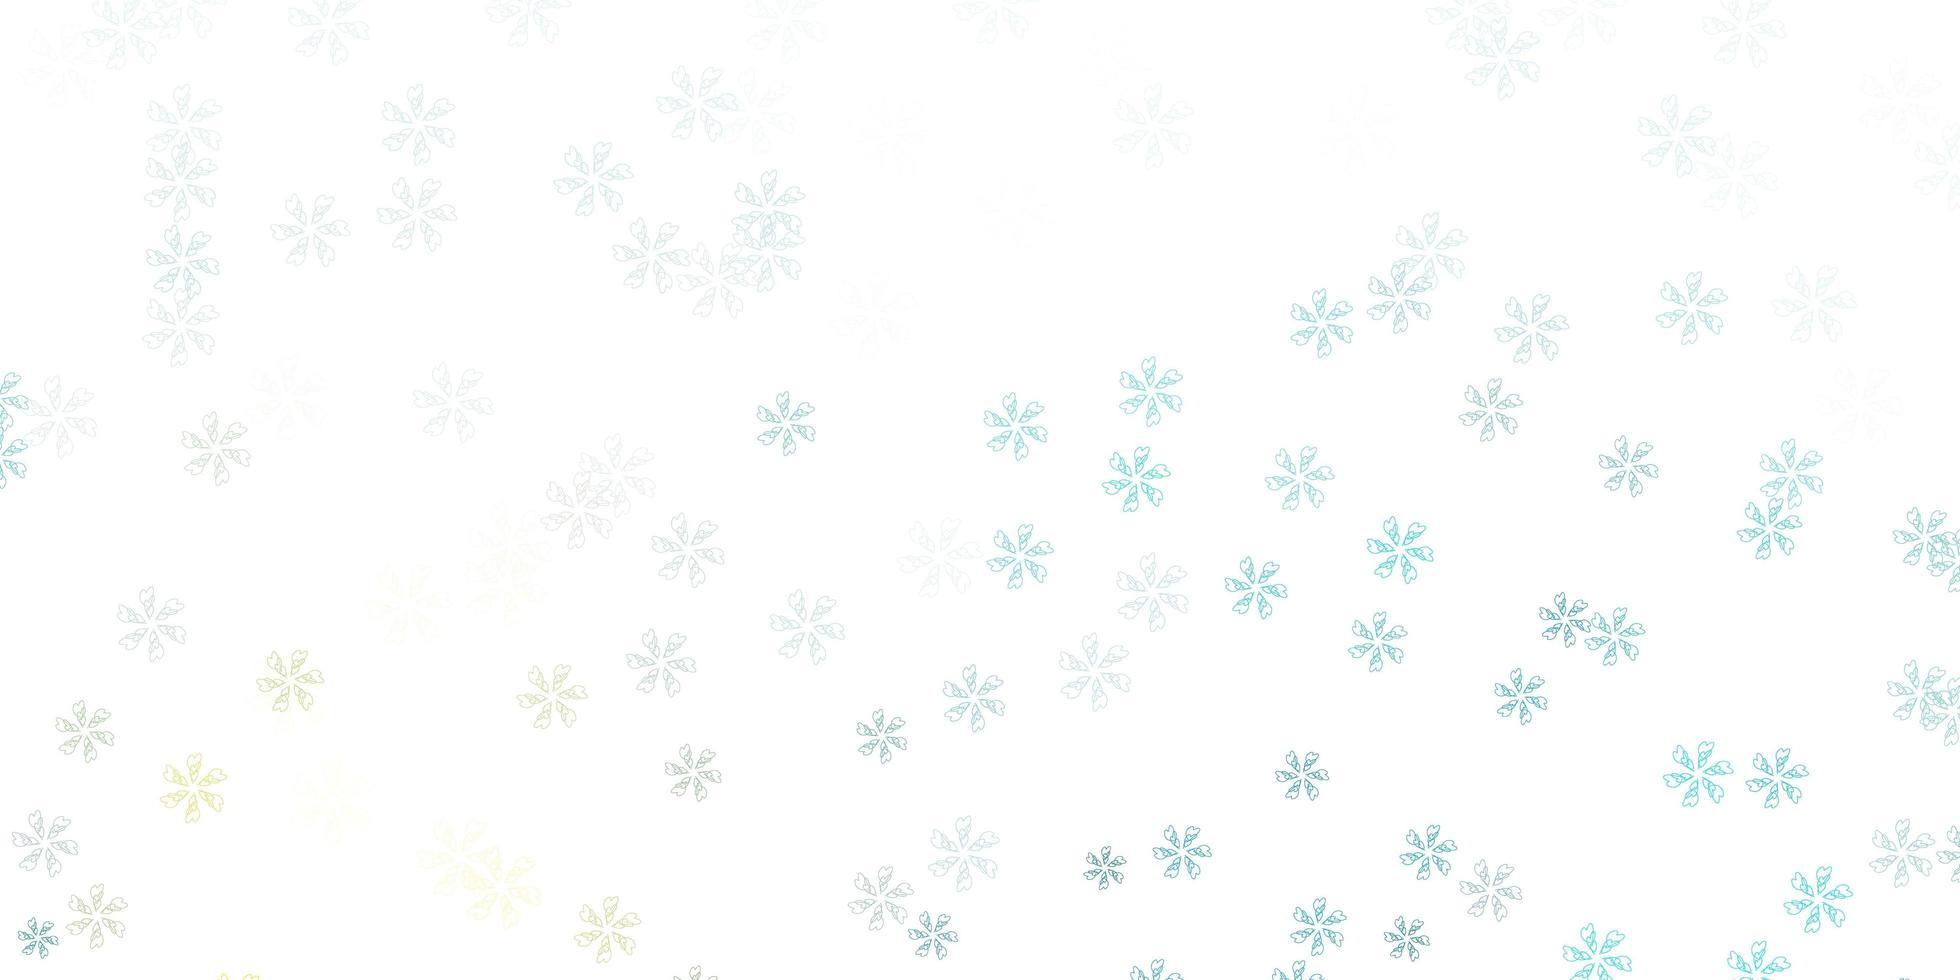 ljusblå, gul vektor abstrakt layout med blad.